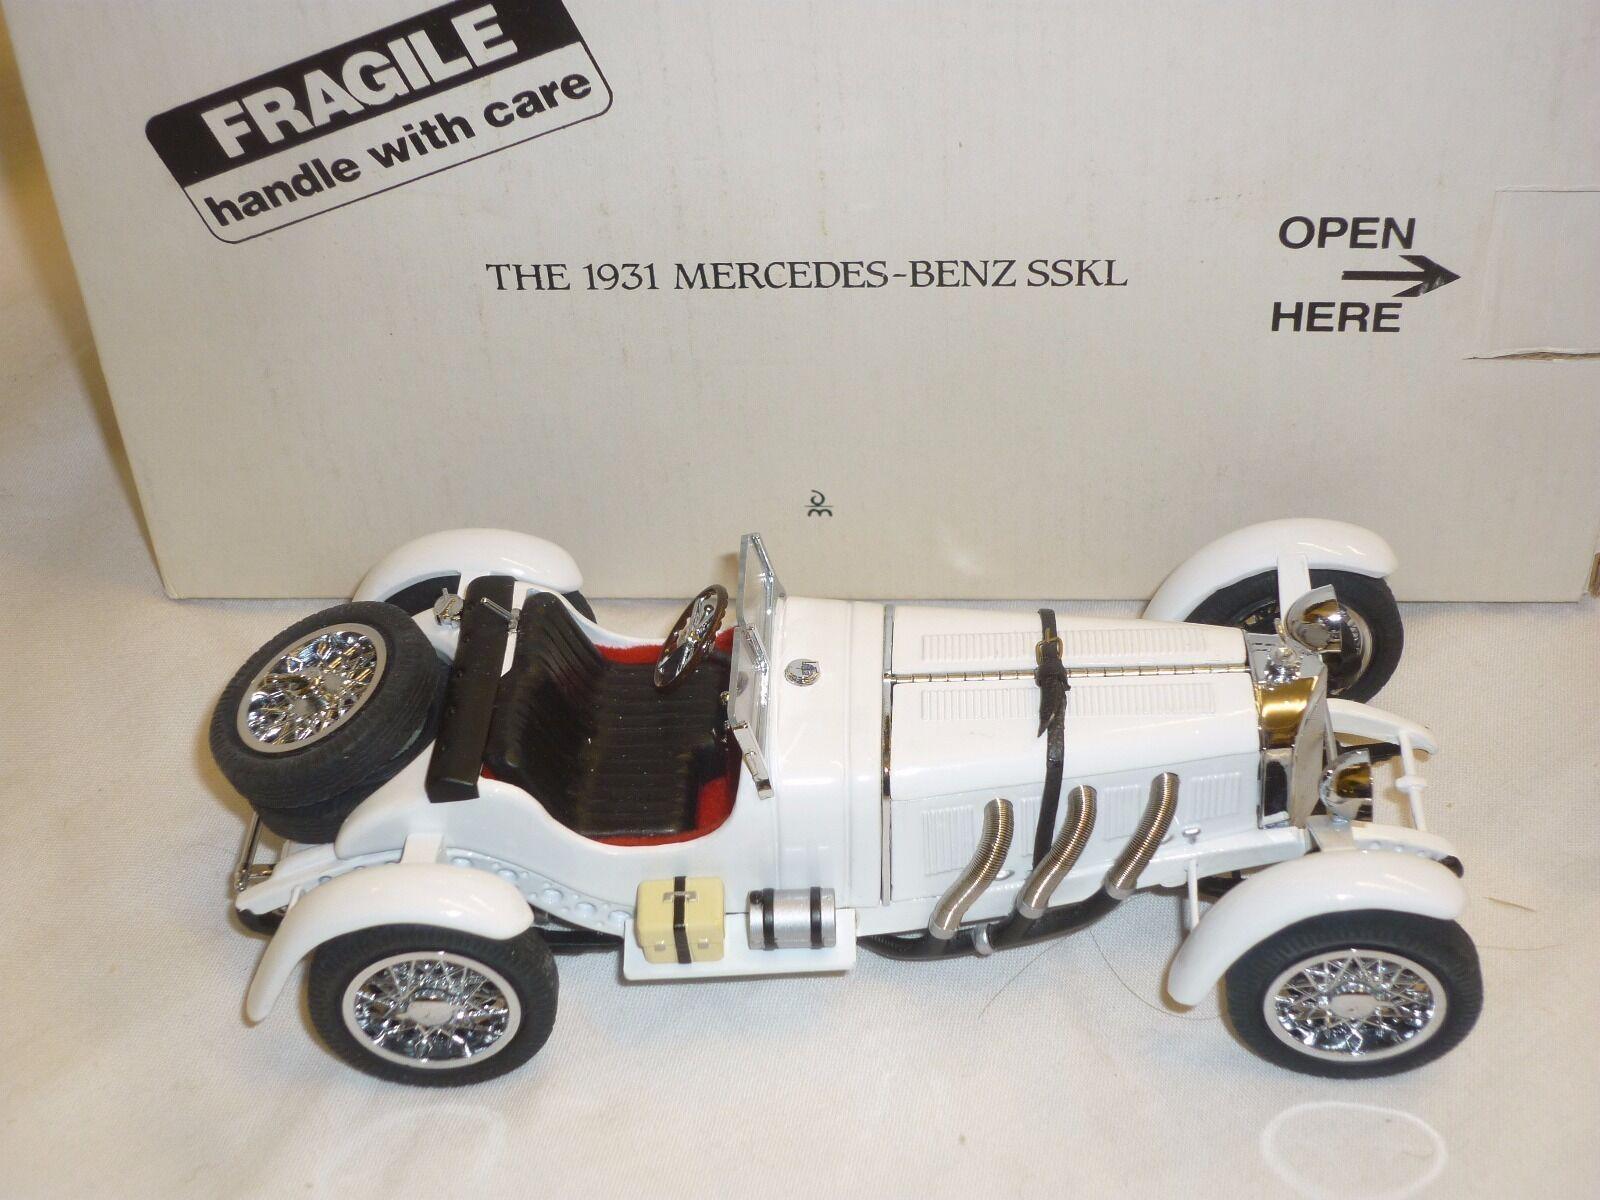 Ein danbury - modell der mercedes - benz sskl 1931, umzingelt